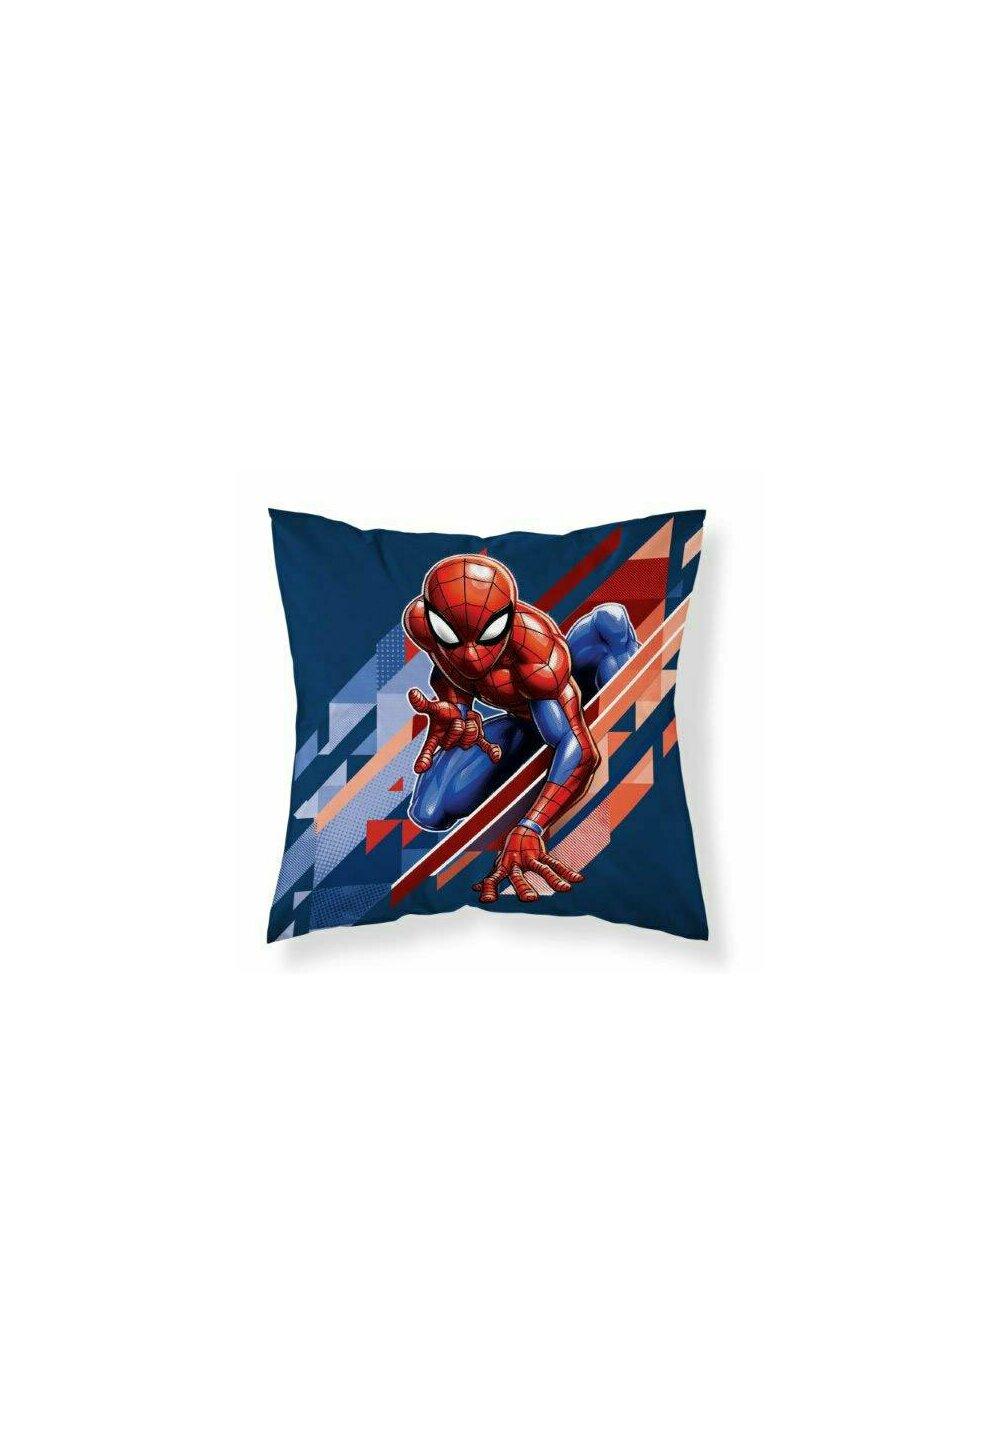 Fata perna, Spider Man, albastru cu rosu, 40x40 cm imagine